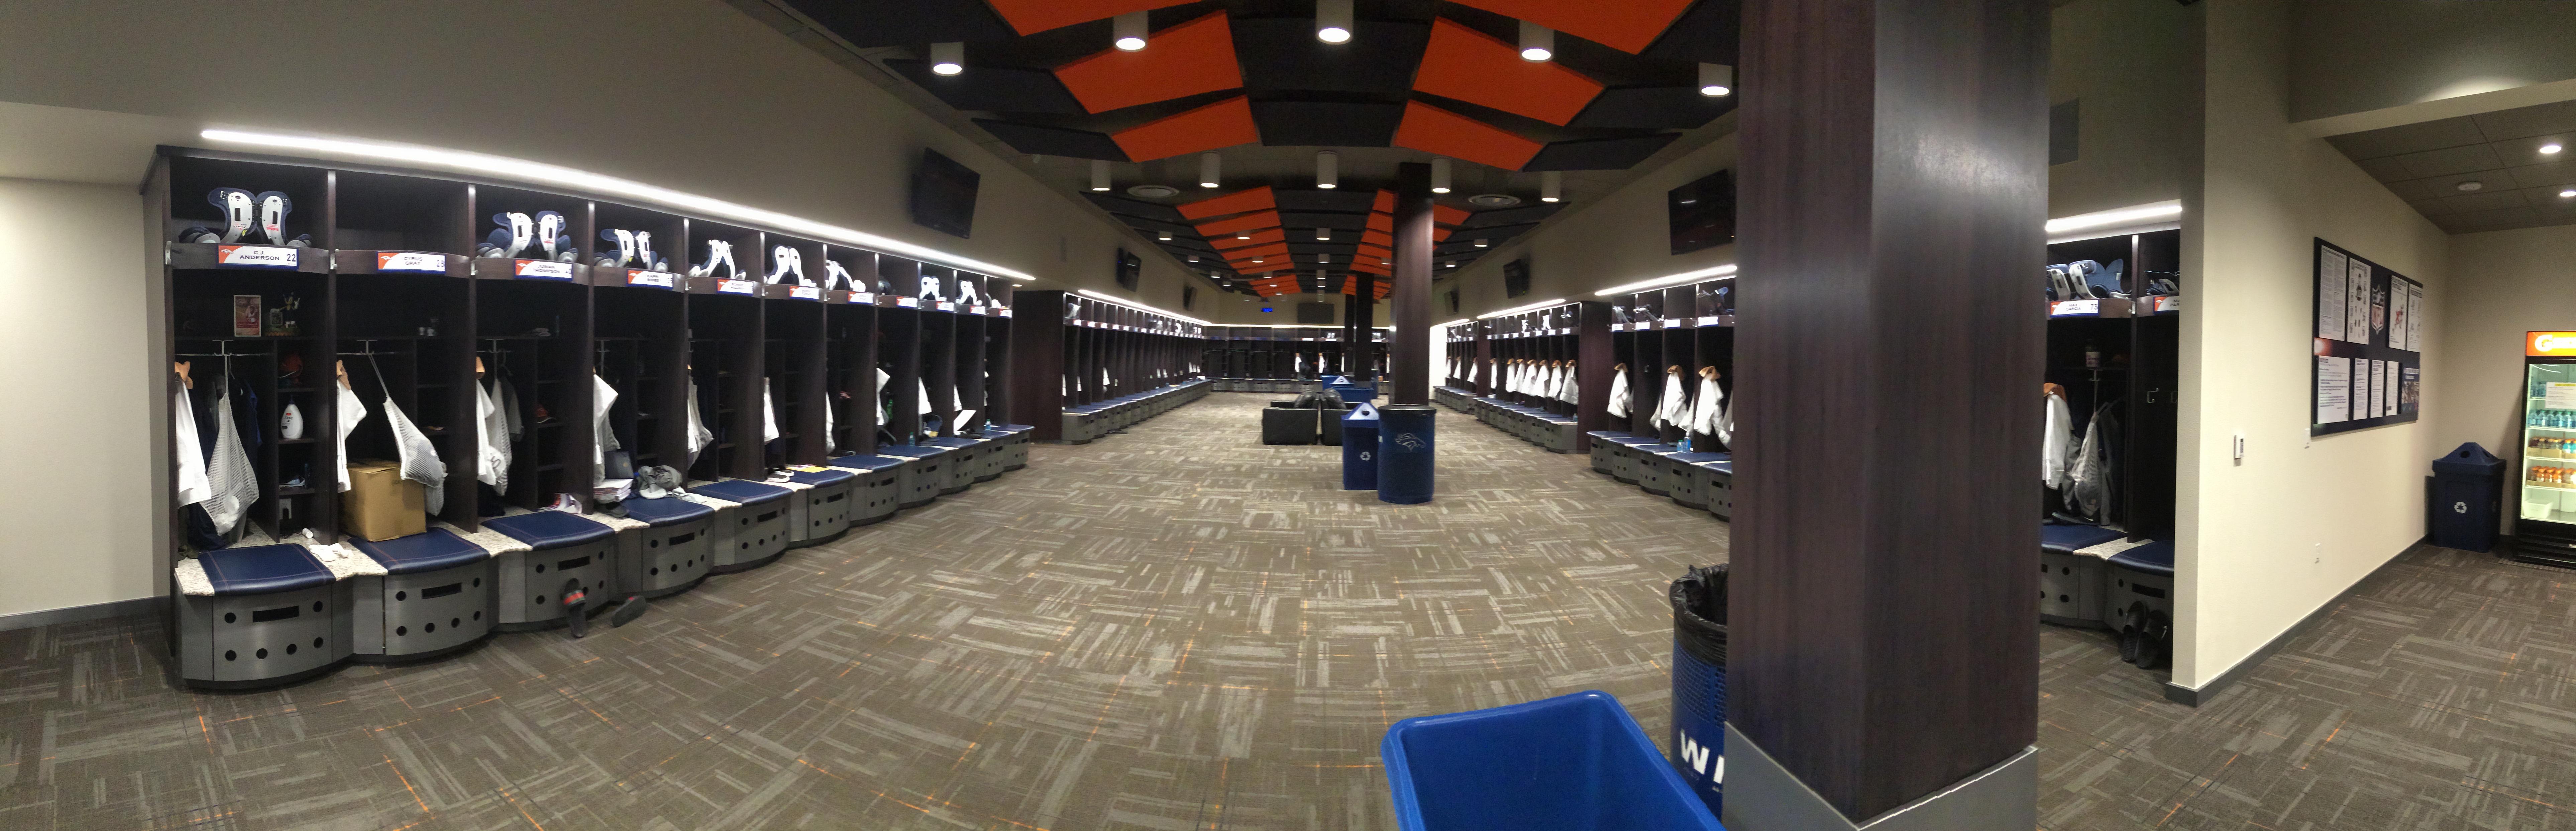 Broncos locker room a million dollar renovation project